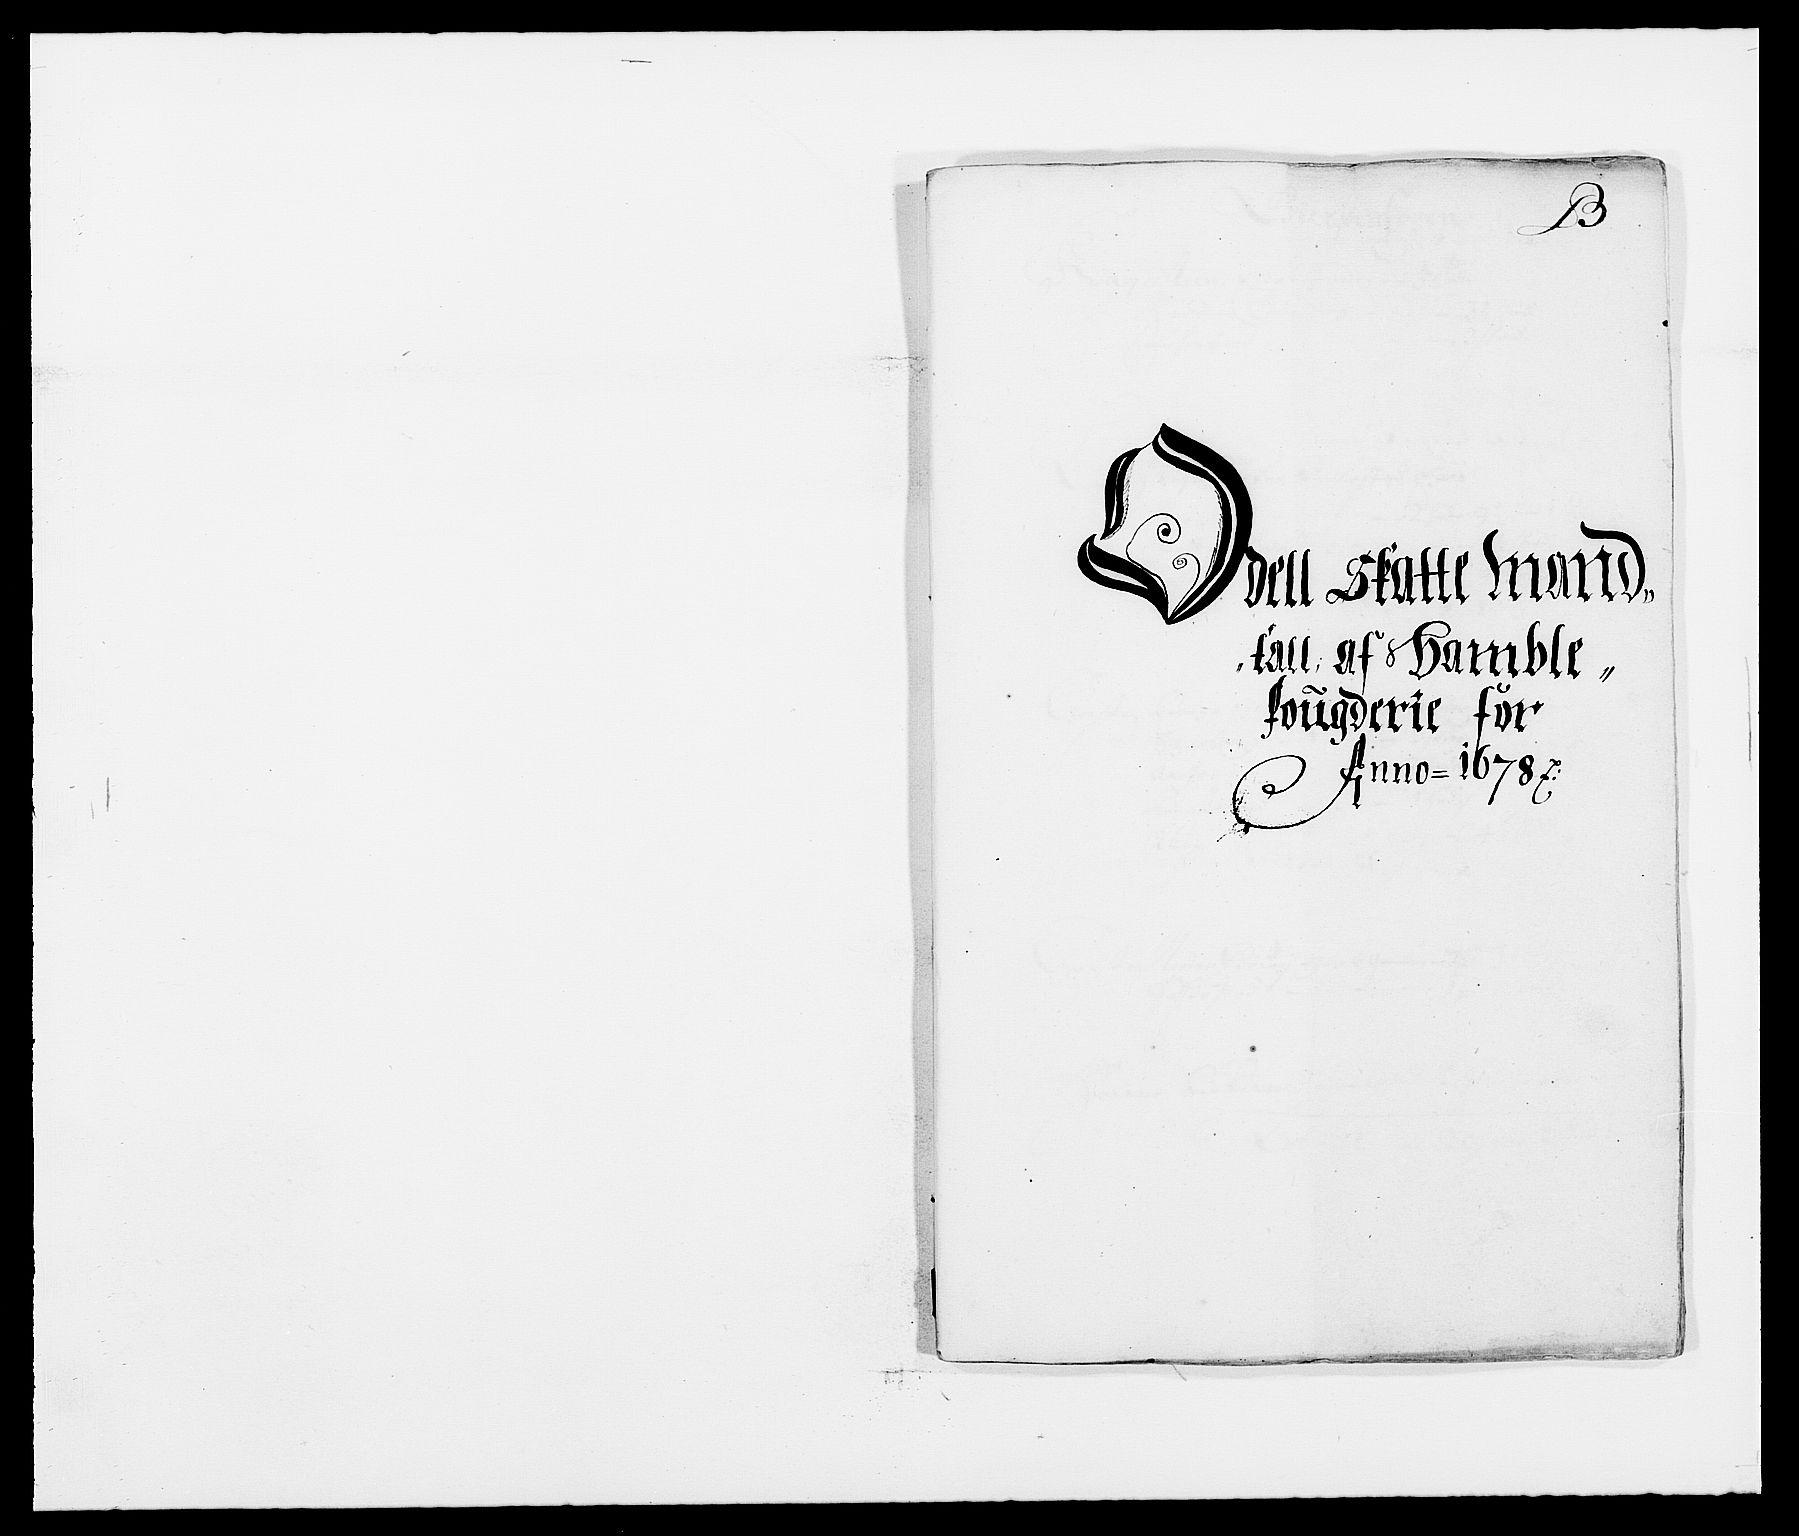 RA, Rentekammeret inntil 1814, Reviderte regnskaper, Fogderegnskap, R34/L2044: Fogderegnskap Bamble, 1678-1679, s. 50